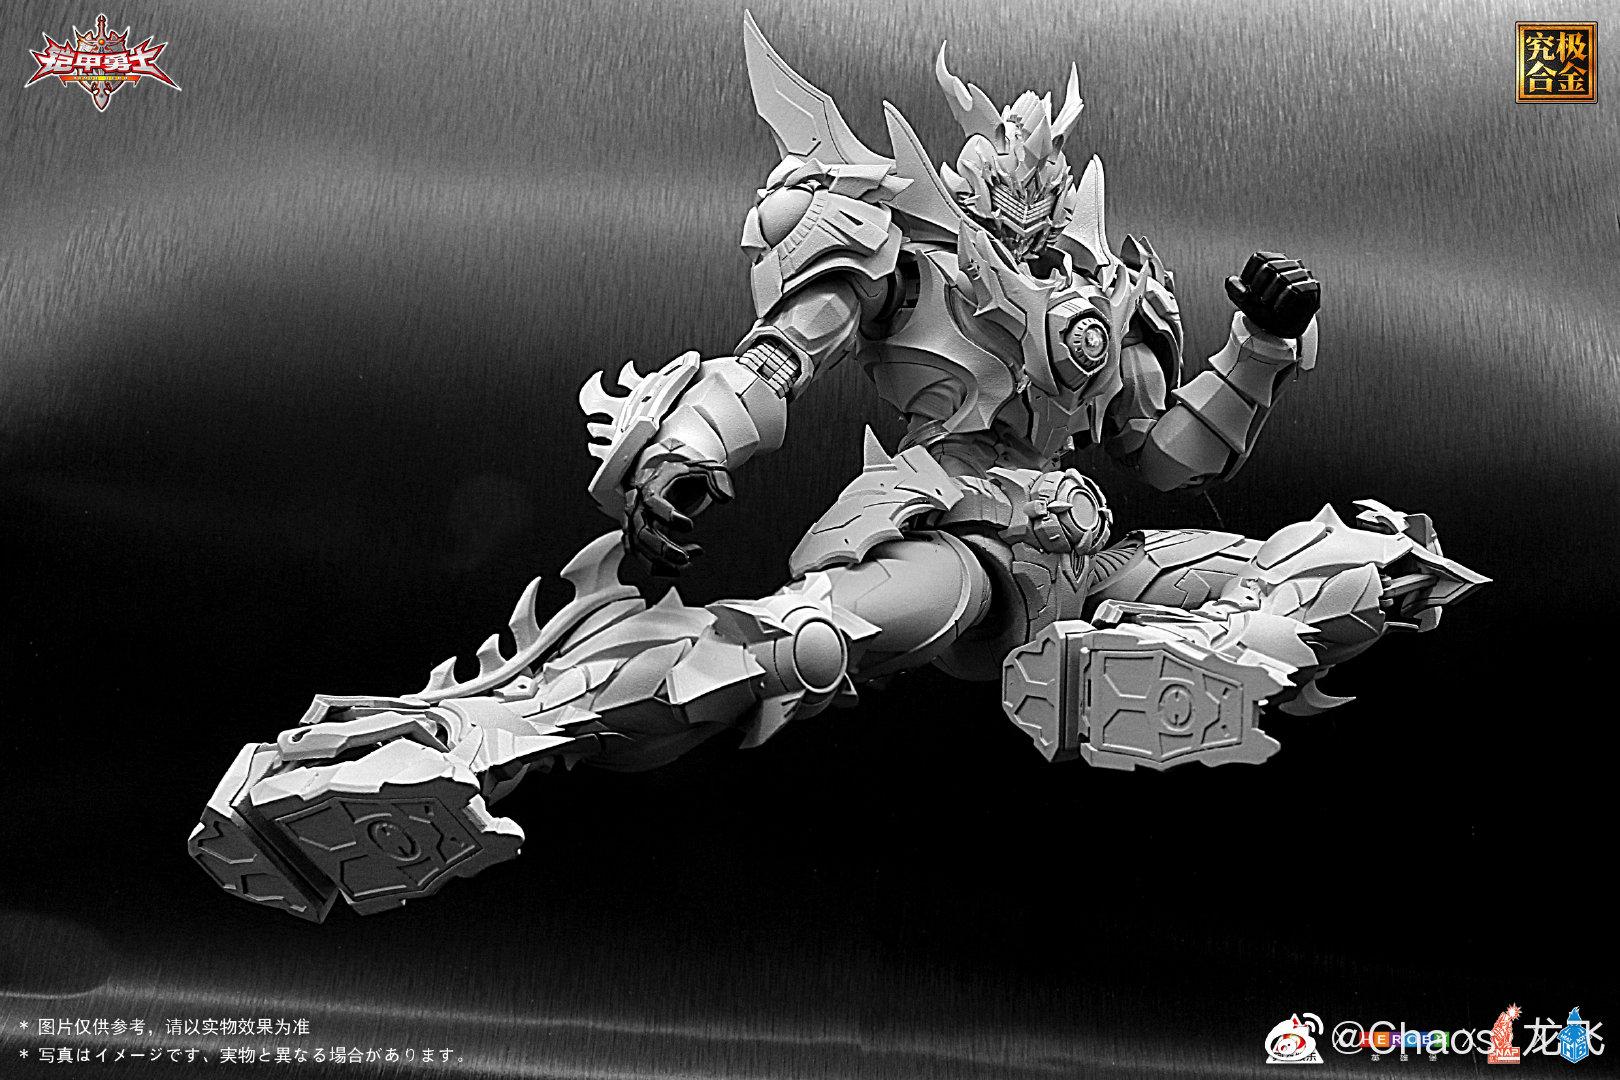 S536_snap_Armor_hero_Emperor_enryu_010.jpg